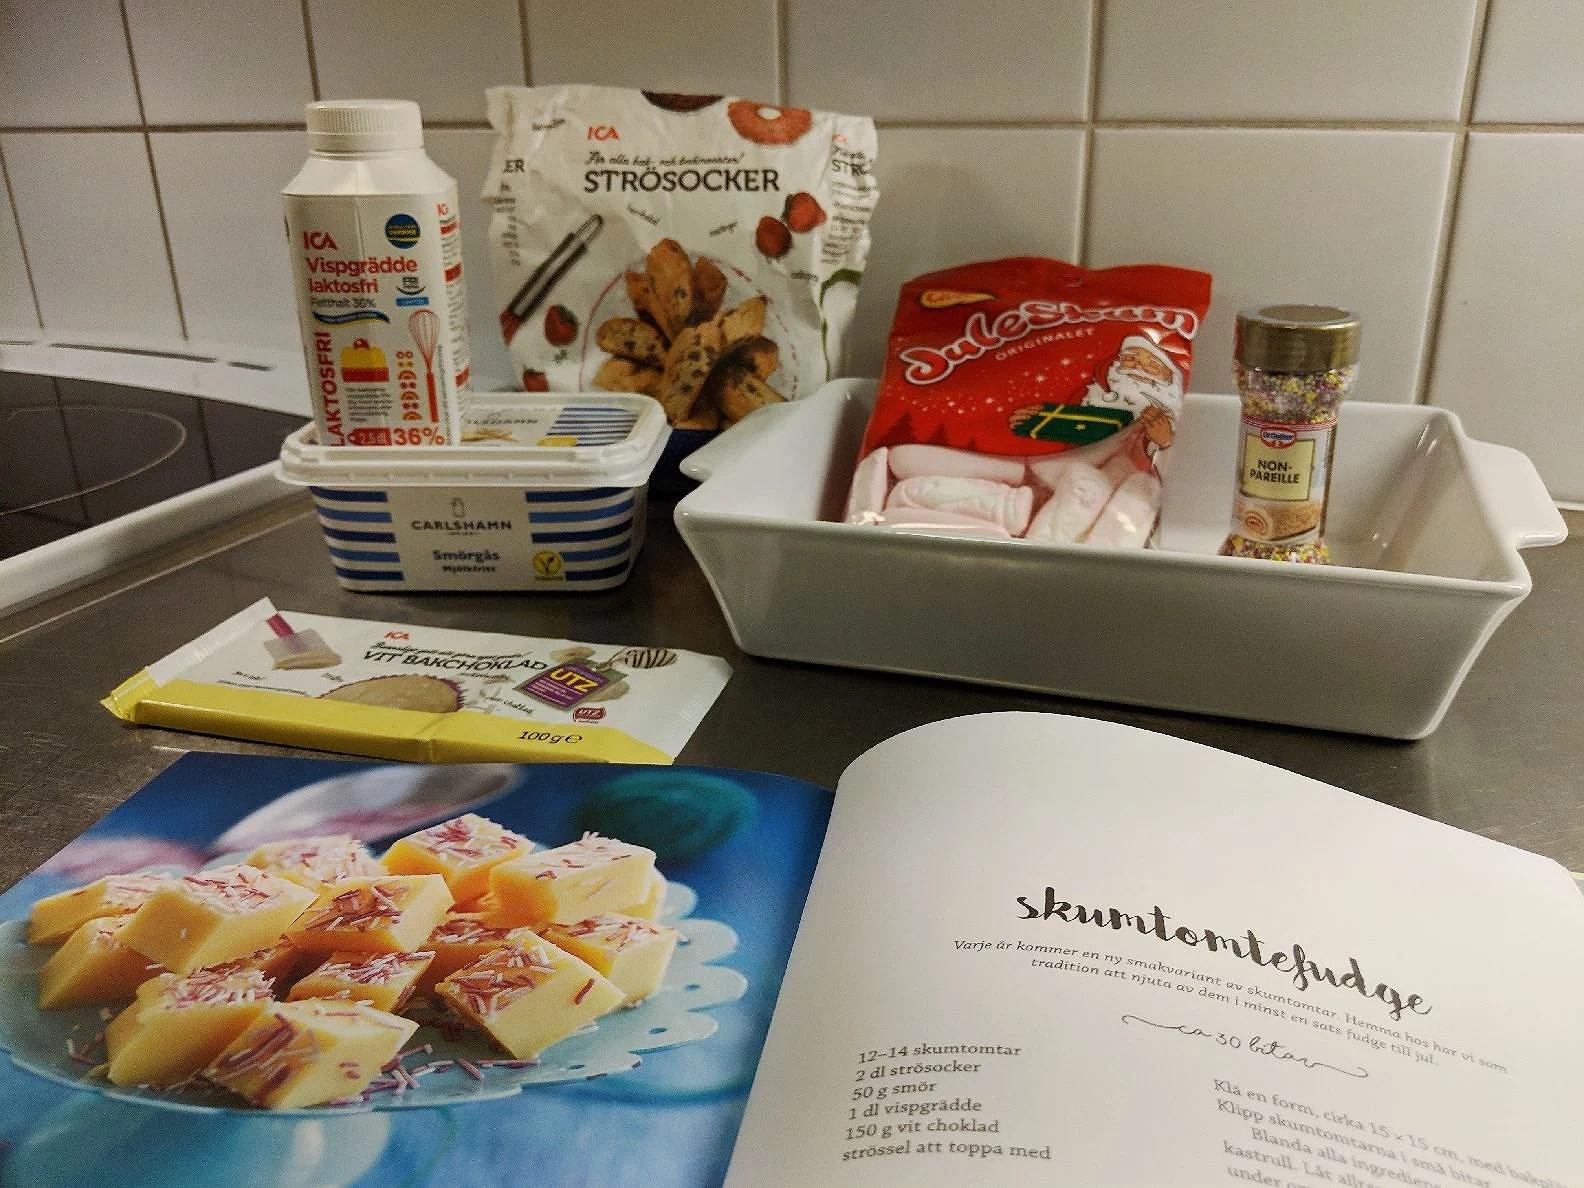 Skumtomtefudge och Hamburgare